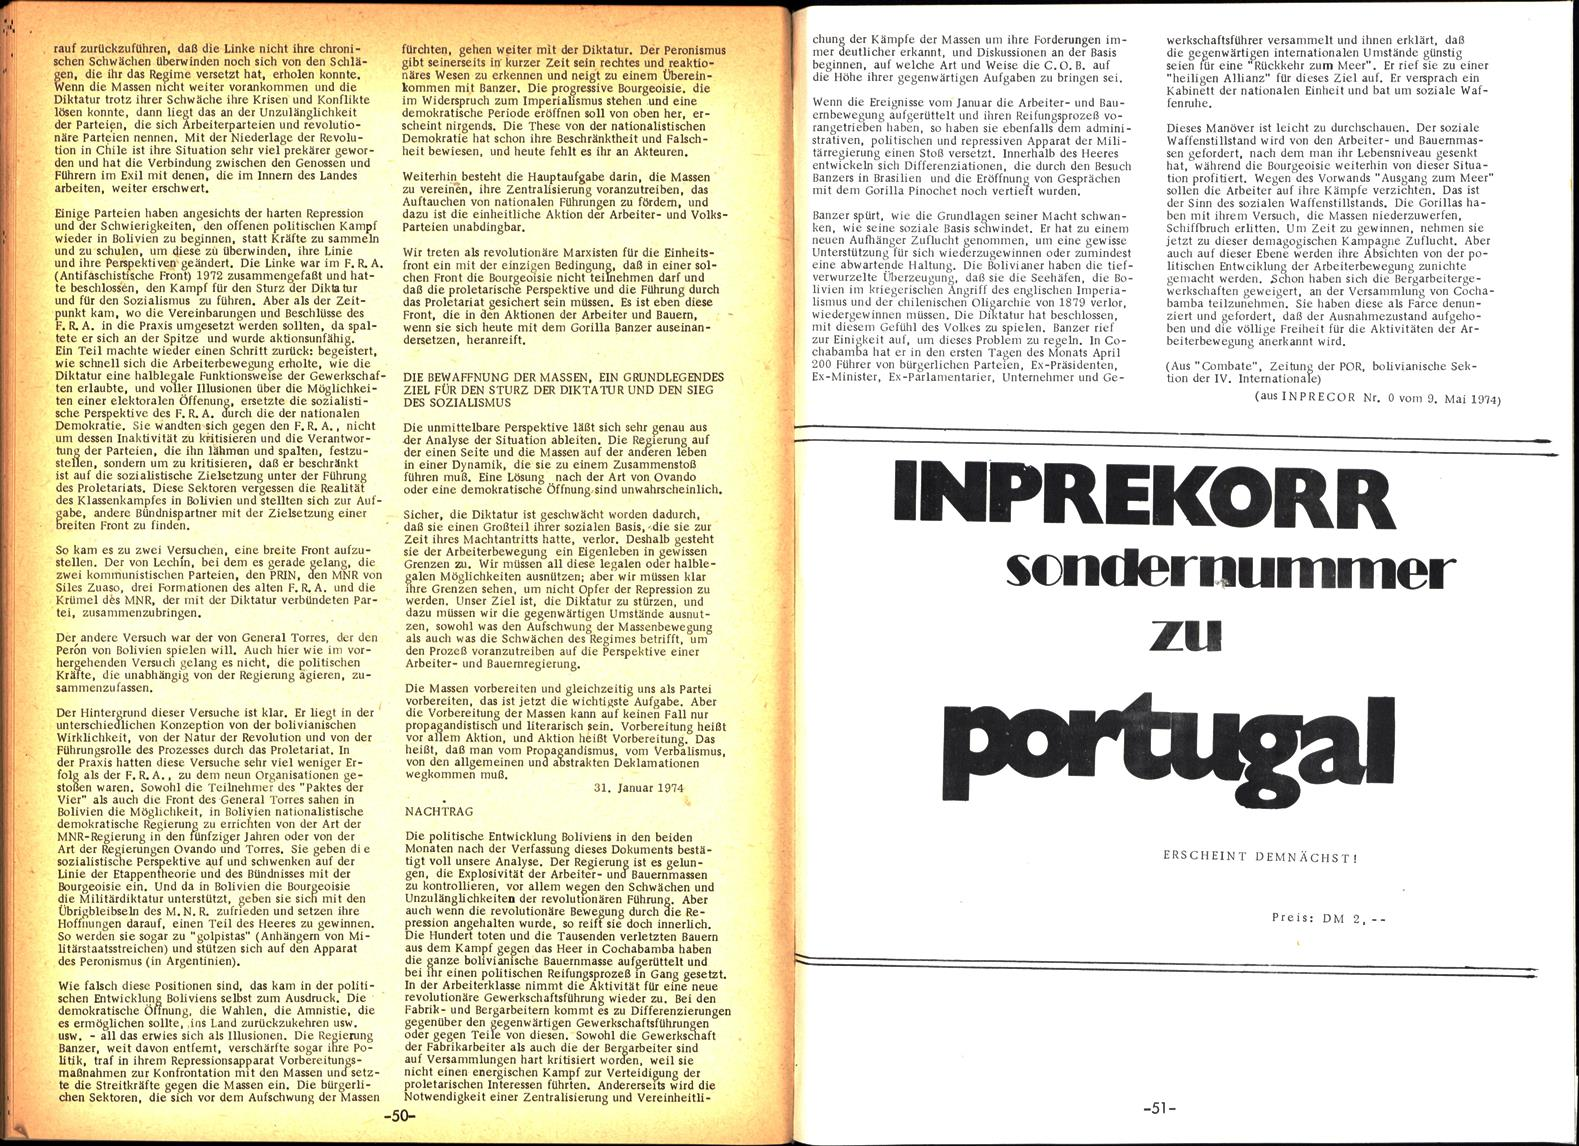 Inprekorr_19740615_030_026